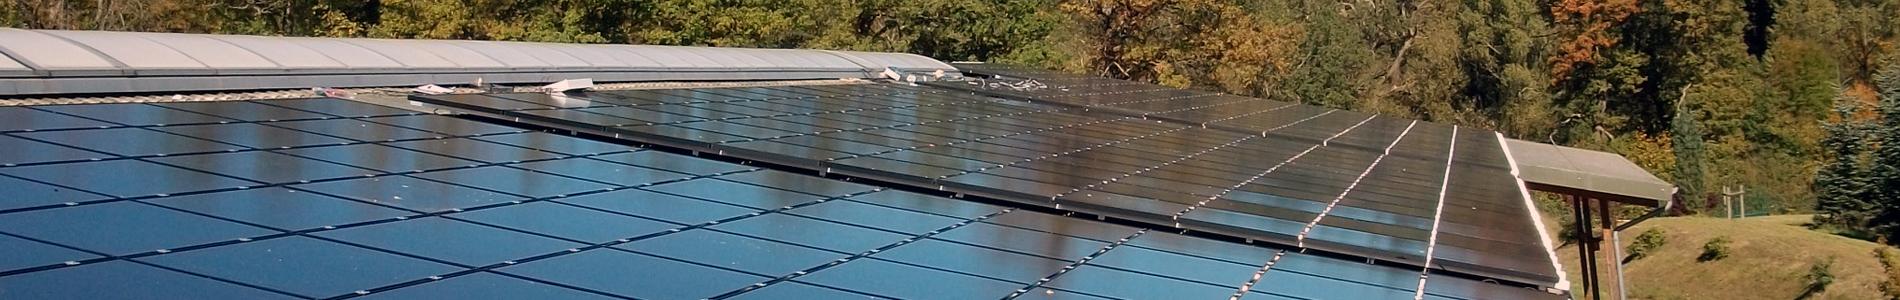 Solar Dach